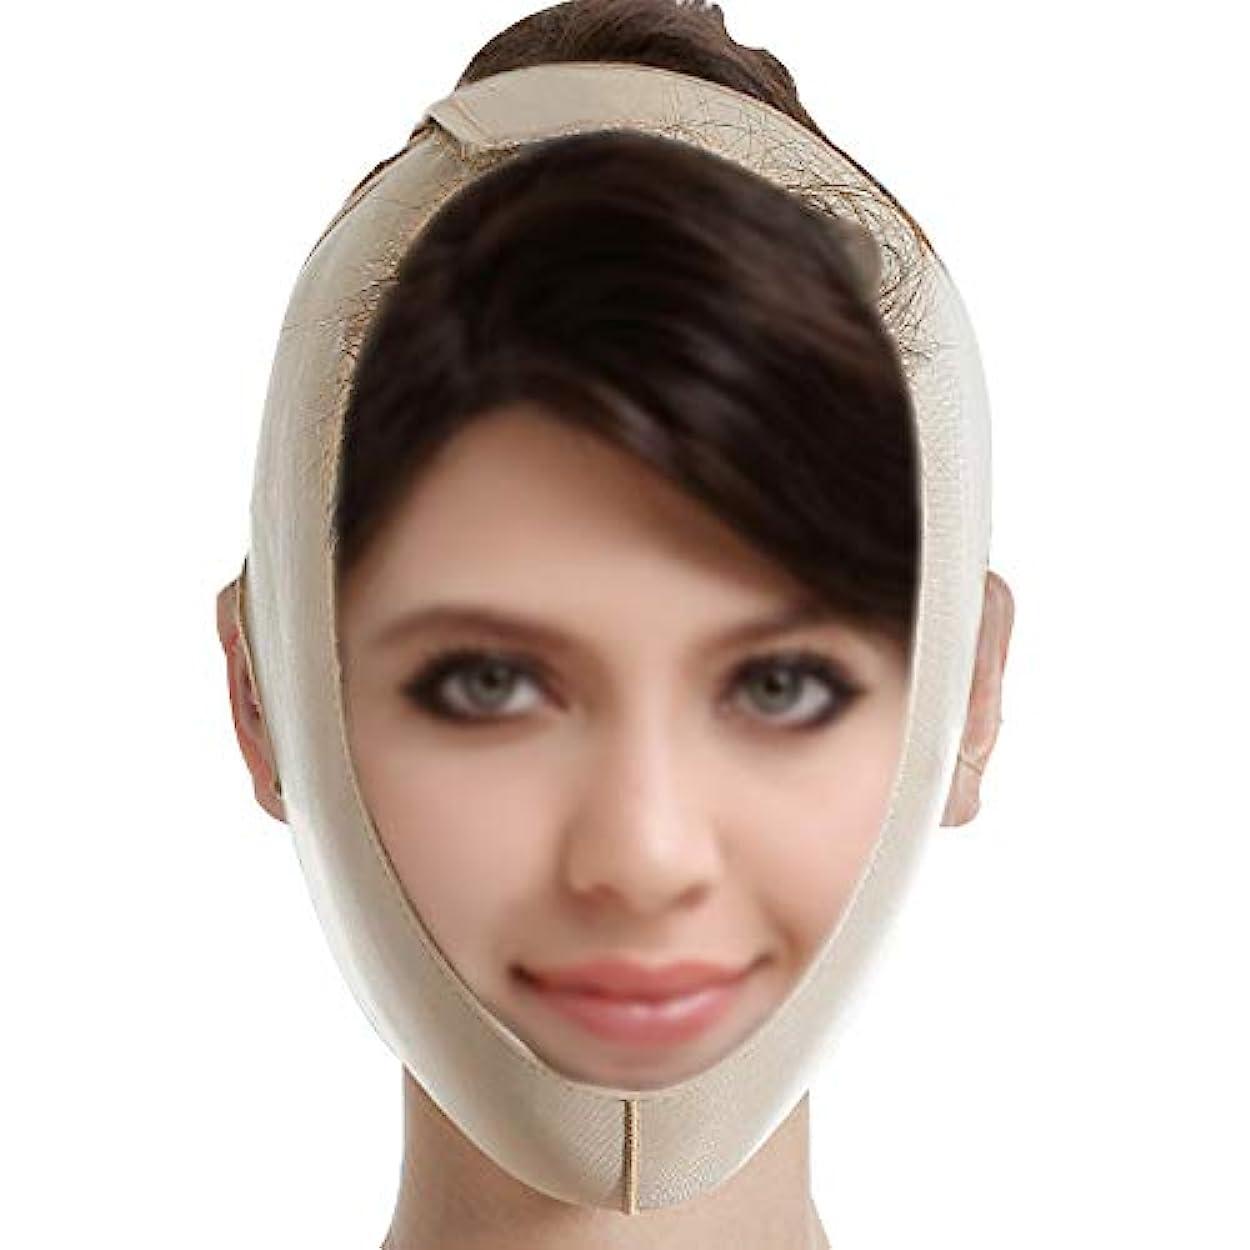 同志センチメンタル定数GLJJQMY 顔の形と首の持ち上がる痩身マスクの形Vの顔の包帯の美しさのしっかりした二重あご跡 顔用整形マスク (Size : S)